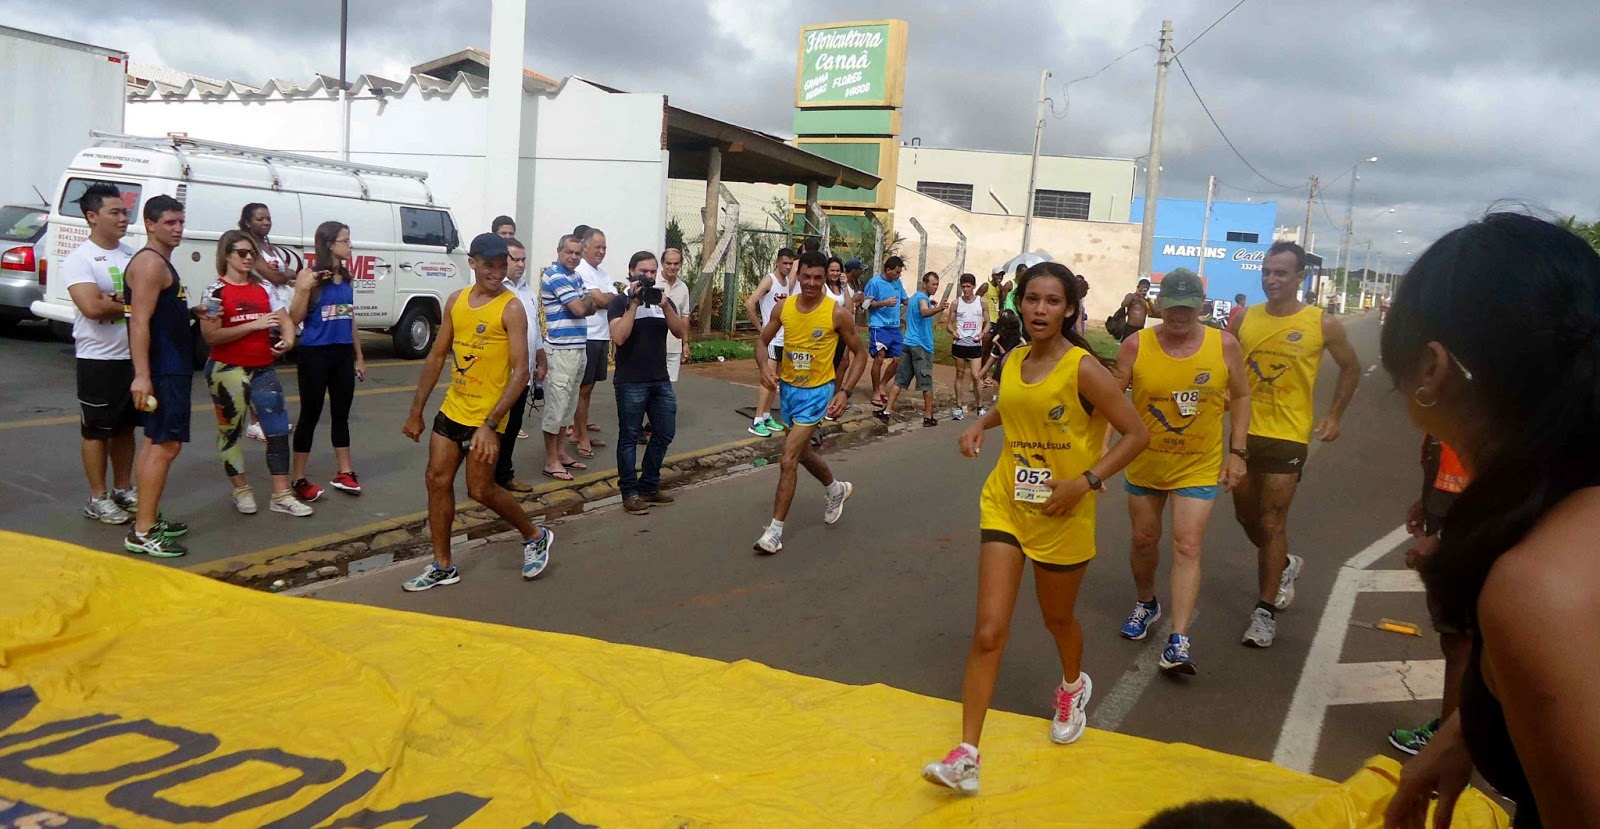 Foto 158 da 1ª Corrida Av. dos Coqueiros em Barretos-SP 14/04/2013 – Atletas cruzando a linha de chegada